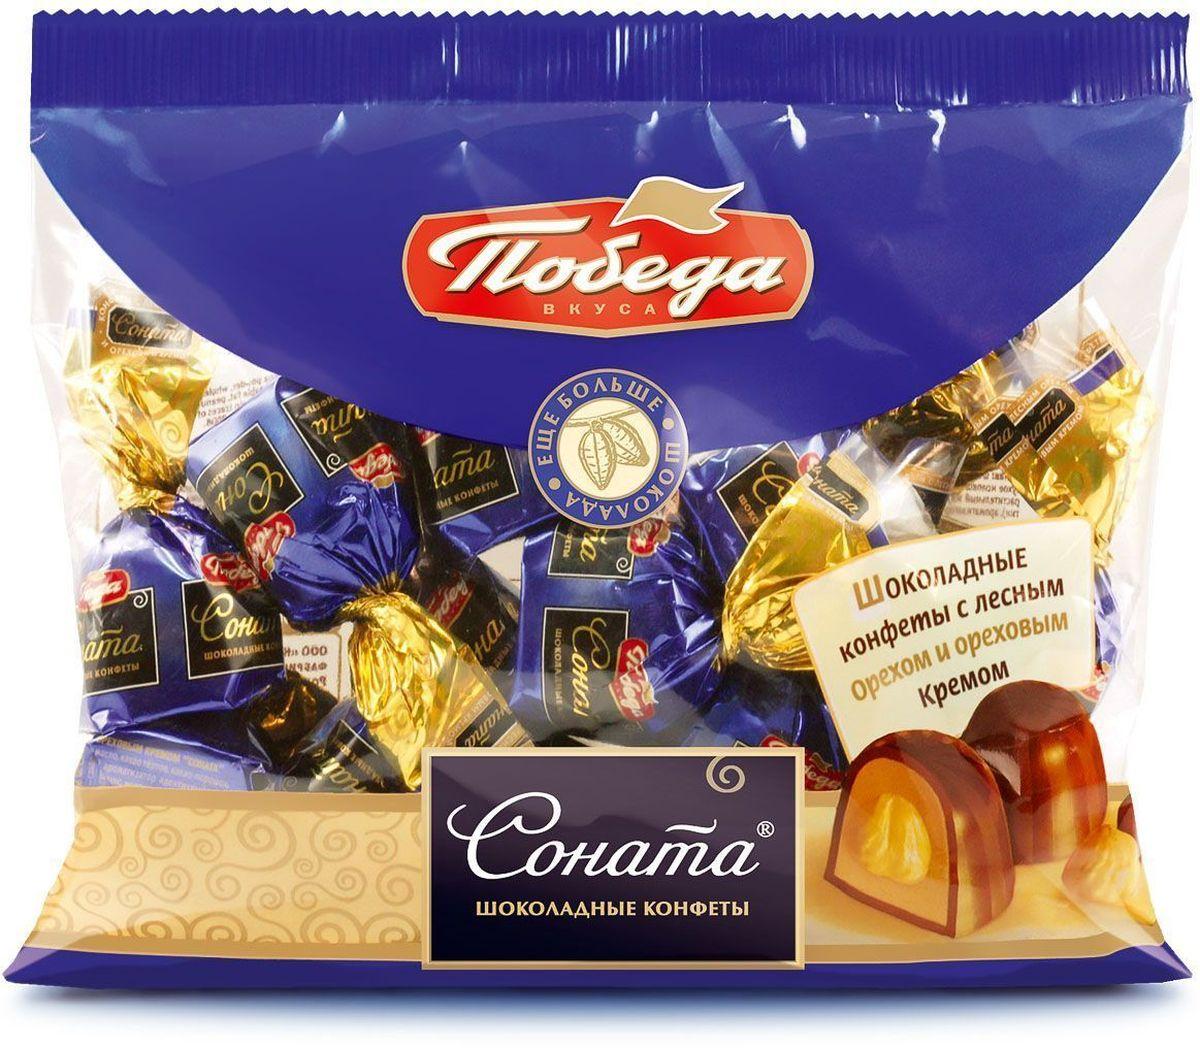 Победа вкуса Соната шоколадные конфеты с лесным орехом и ореховым кремом, 200 г532-R1Это красивое и вкусное слово пралине впервые появилось во Франции в 18 веке. Шеф-повар знаменитого маршала и дипломата Цезара дю Плесси-Пралин (Cesar du Plessis-Praslin) назвал в его честь конфеты из тертого миндаля, покрытые шоколадом. Вслед за Францией и Бельгией, это наименование распространилось повсеместно и стало общепринятым названием для шоколадных конфет с разнообразными ореховыми начинками. Мы рады предложить вам конфеты пралине из тертого фундука с цельным орехом внутри, покрытые классическим молочным шоколадом.